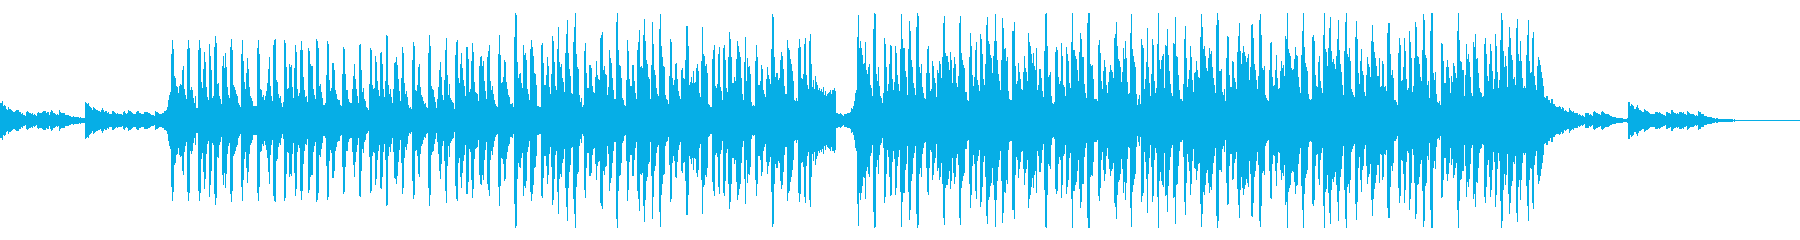 ゆったりで爽やかなアコースティック曲の再生済みの波形